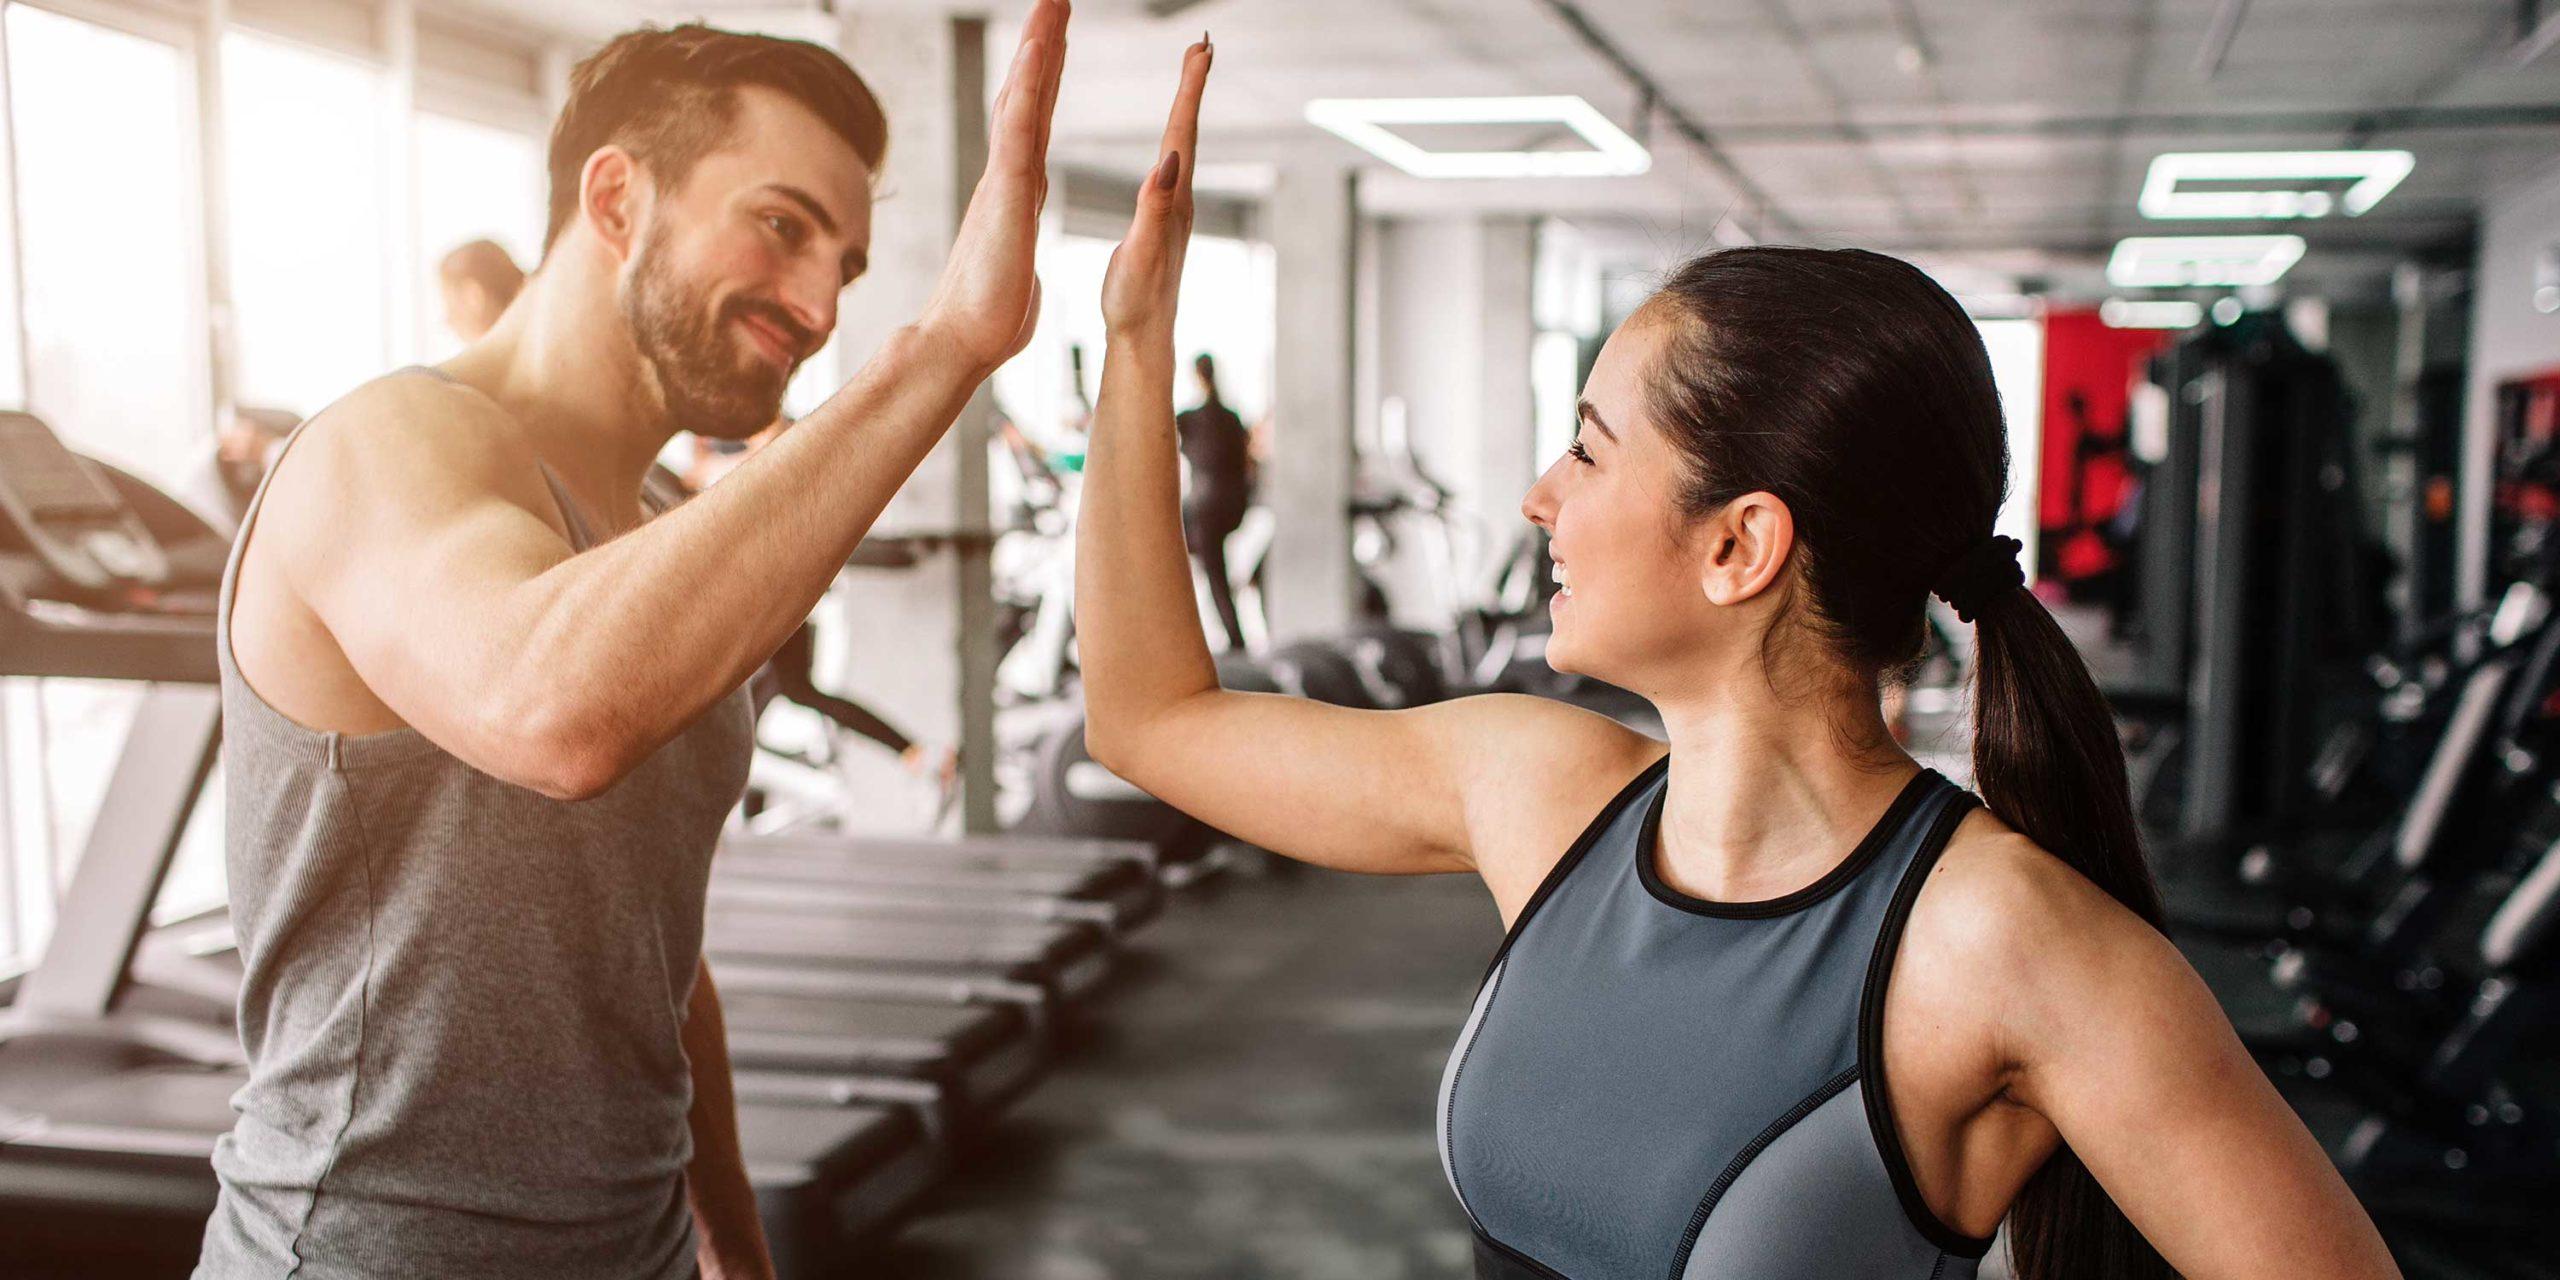 Fitnessstudio Wechseln Angebote Limburg